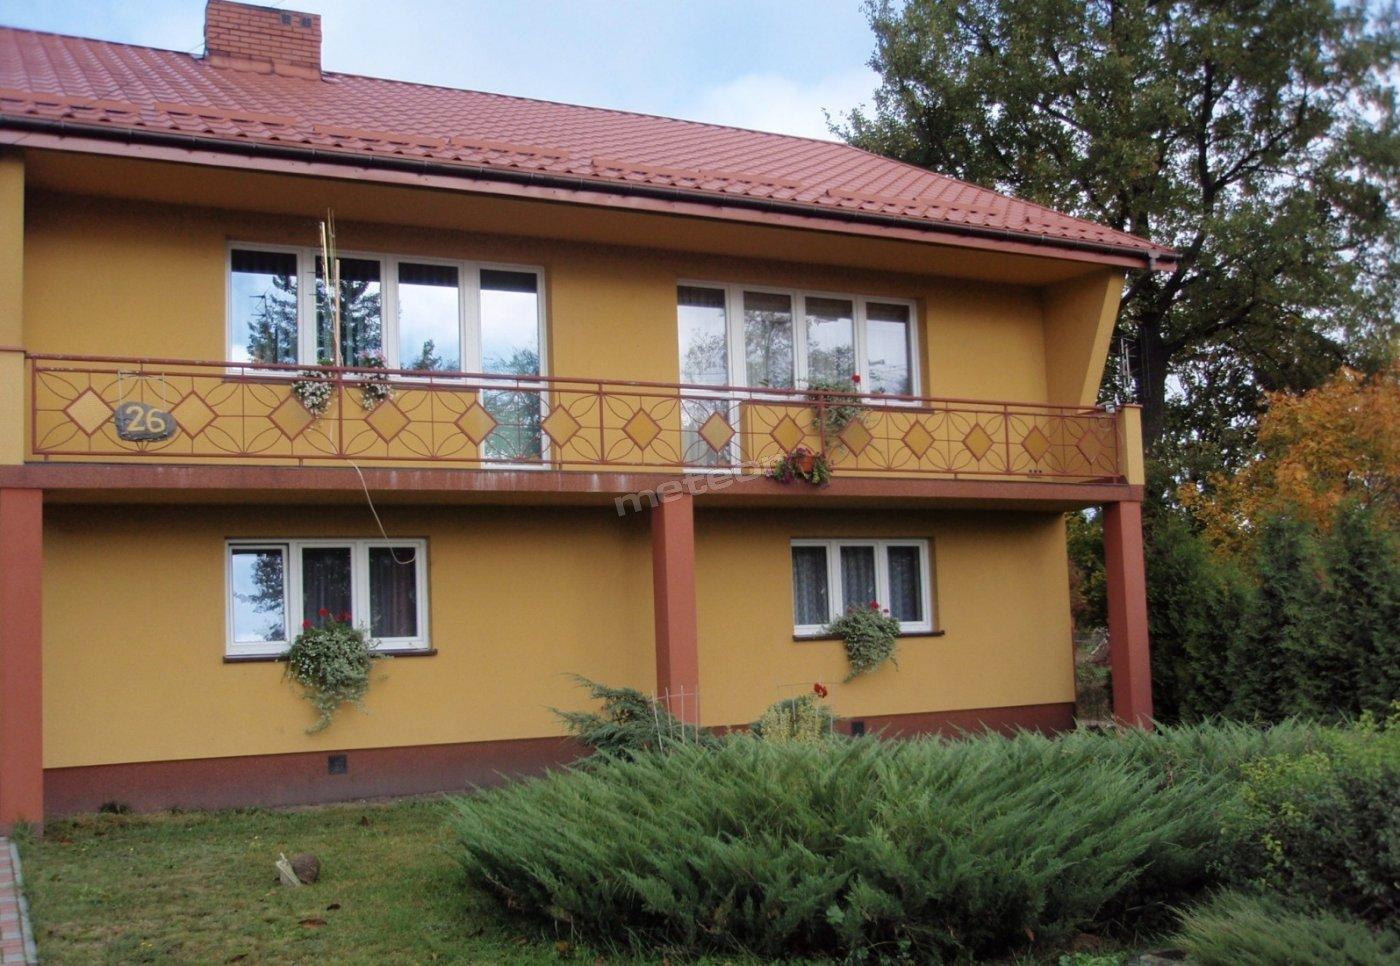 Wygodny dom, w cichej i spokojnej okolicy, wśród lasów i stawów, w pobliżu Nadbużańskiego Parku Krajobrazowego.